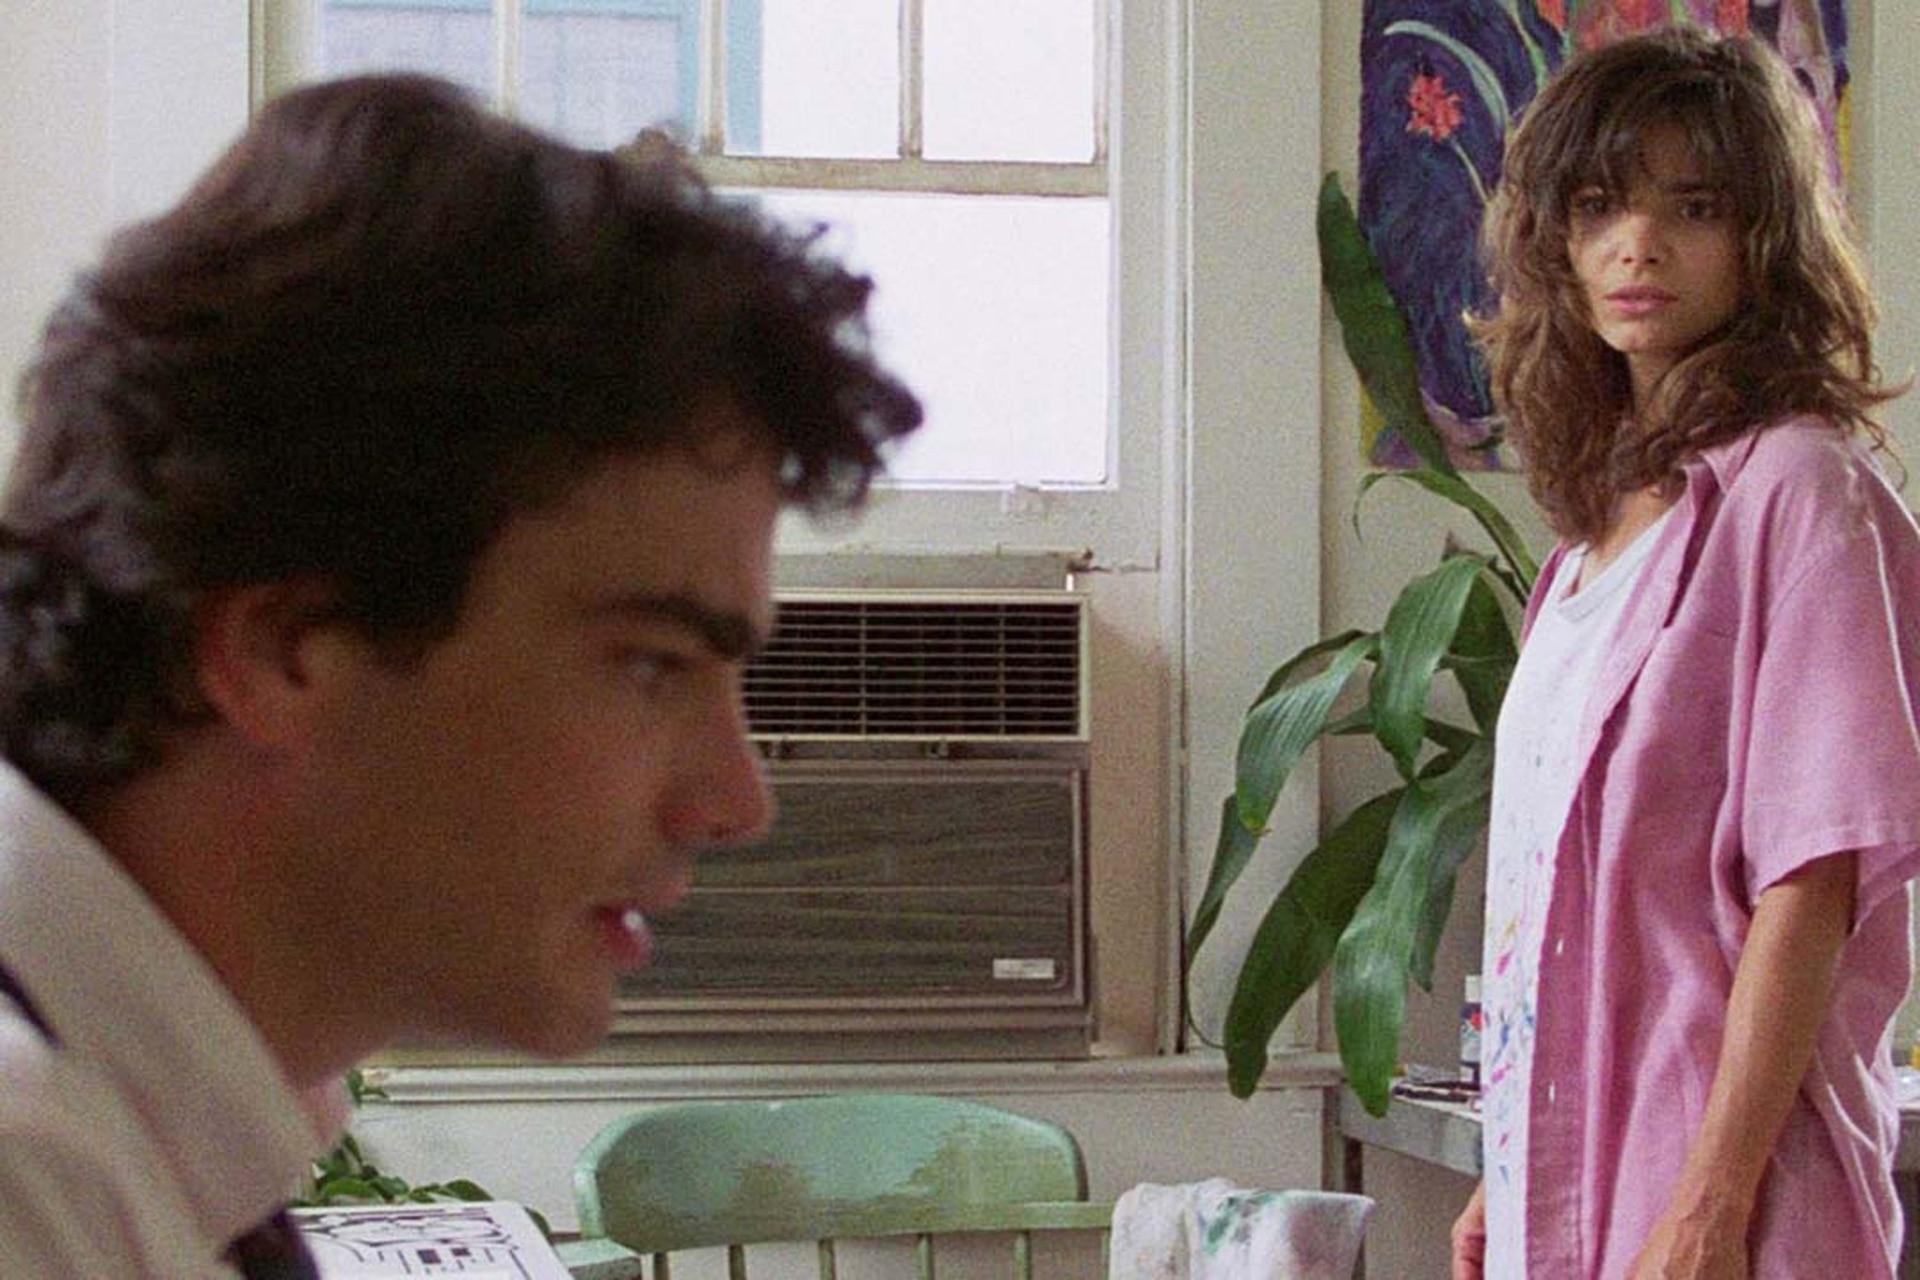 Peter Gallagher y Laura San Giacomo, los otros protagonistas del film de Soderbergh